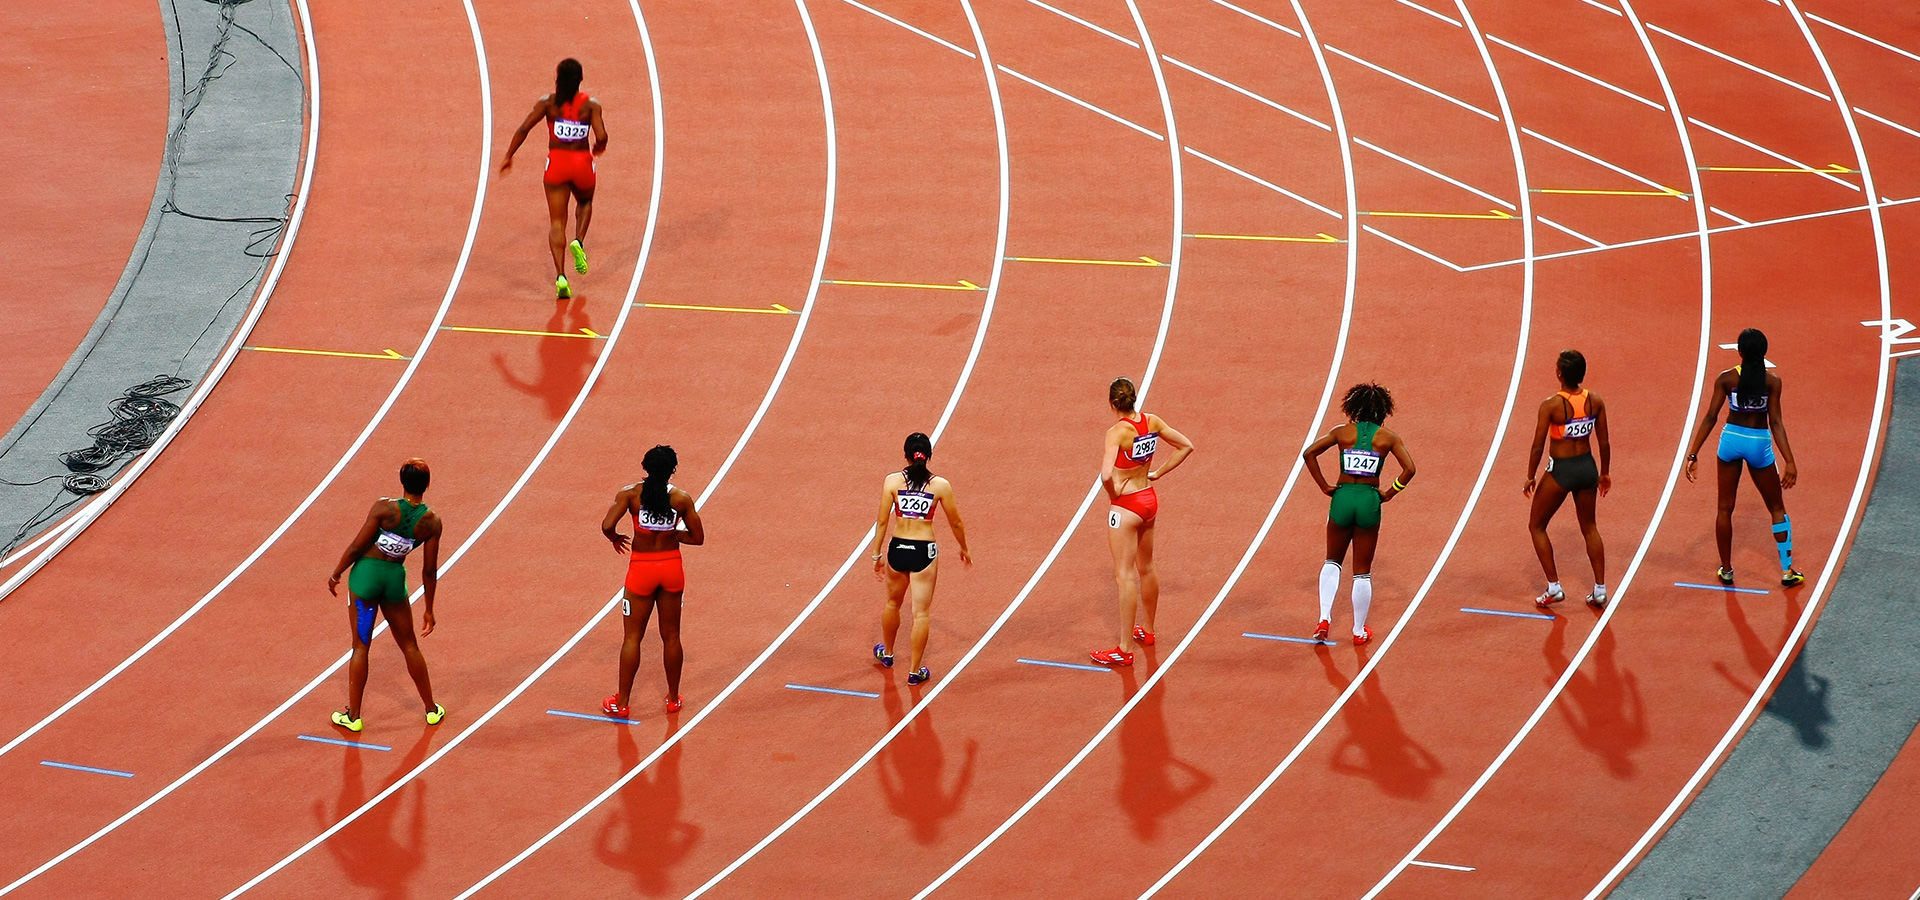 Η σημασία της προ-αγωνιστικής ρουτίνας για τον κάθε αθλητή